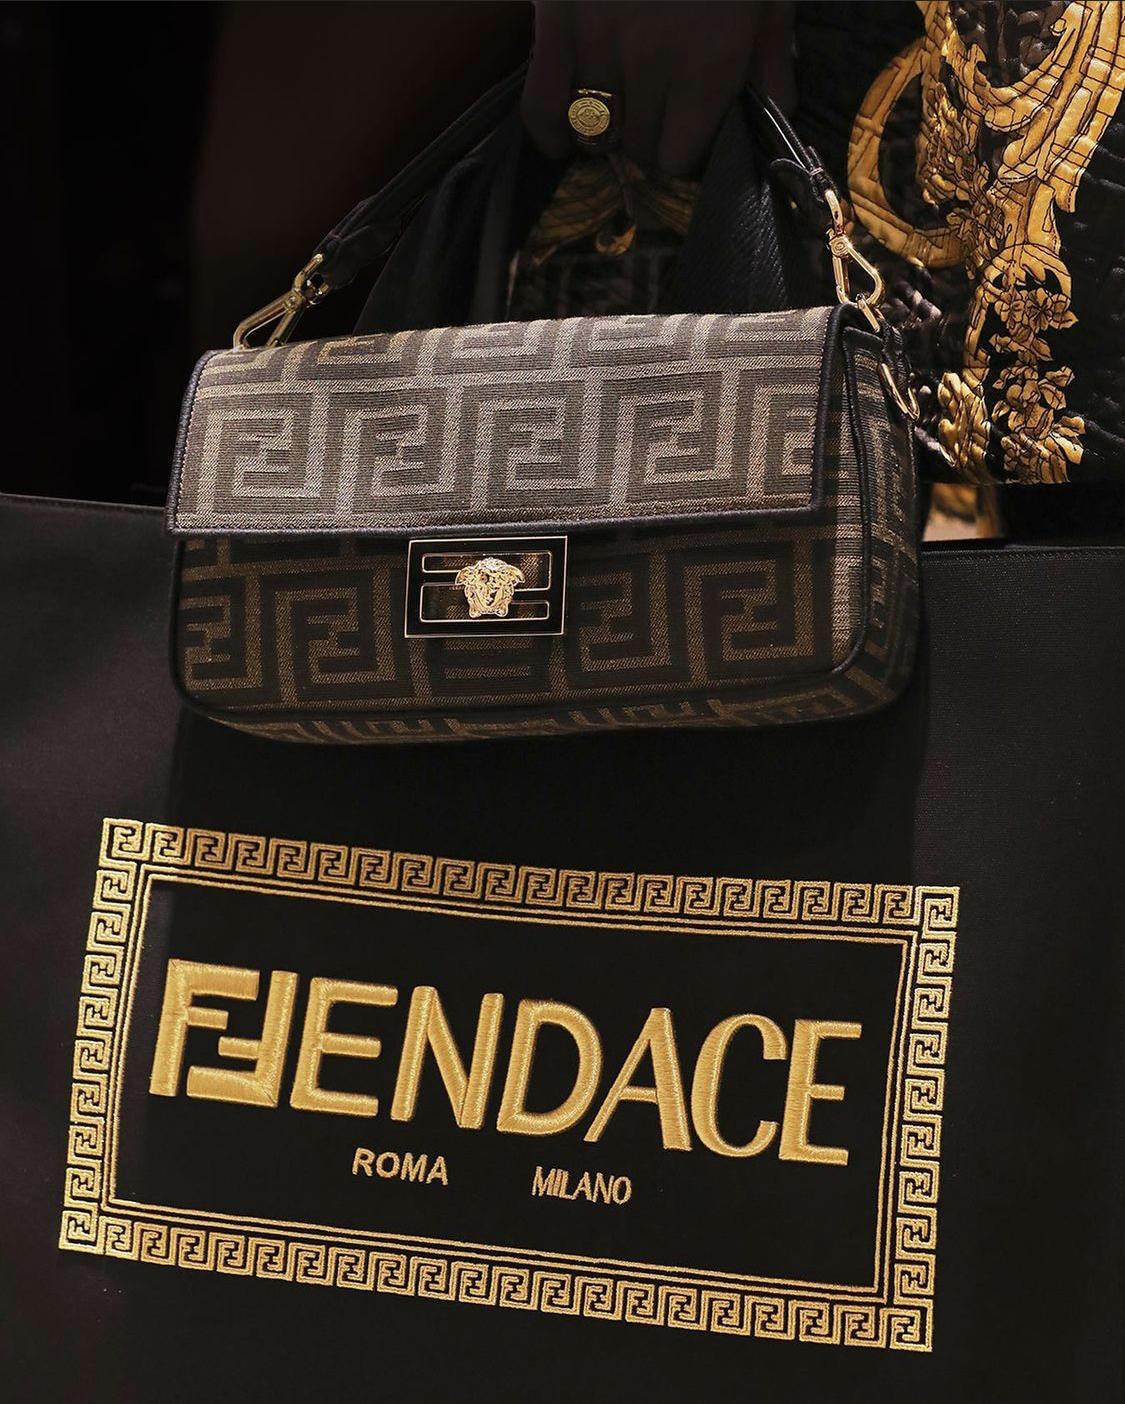 logo kết hợp của versace và fendi